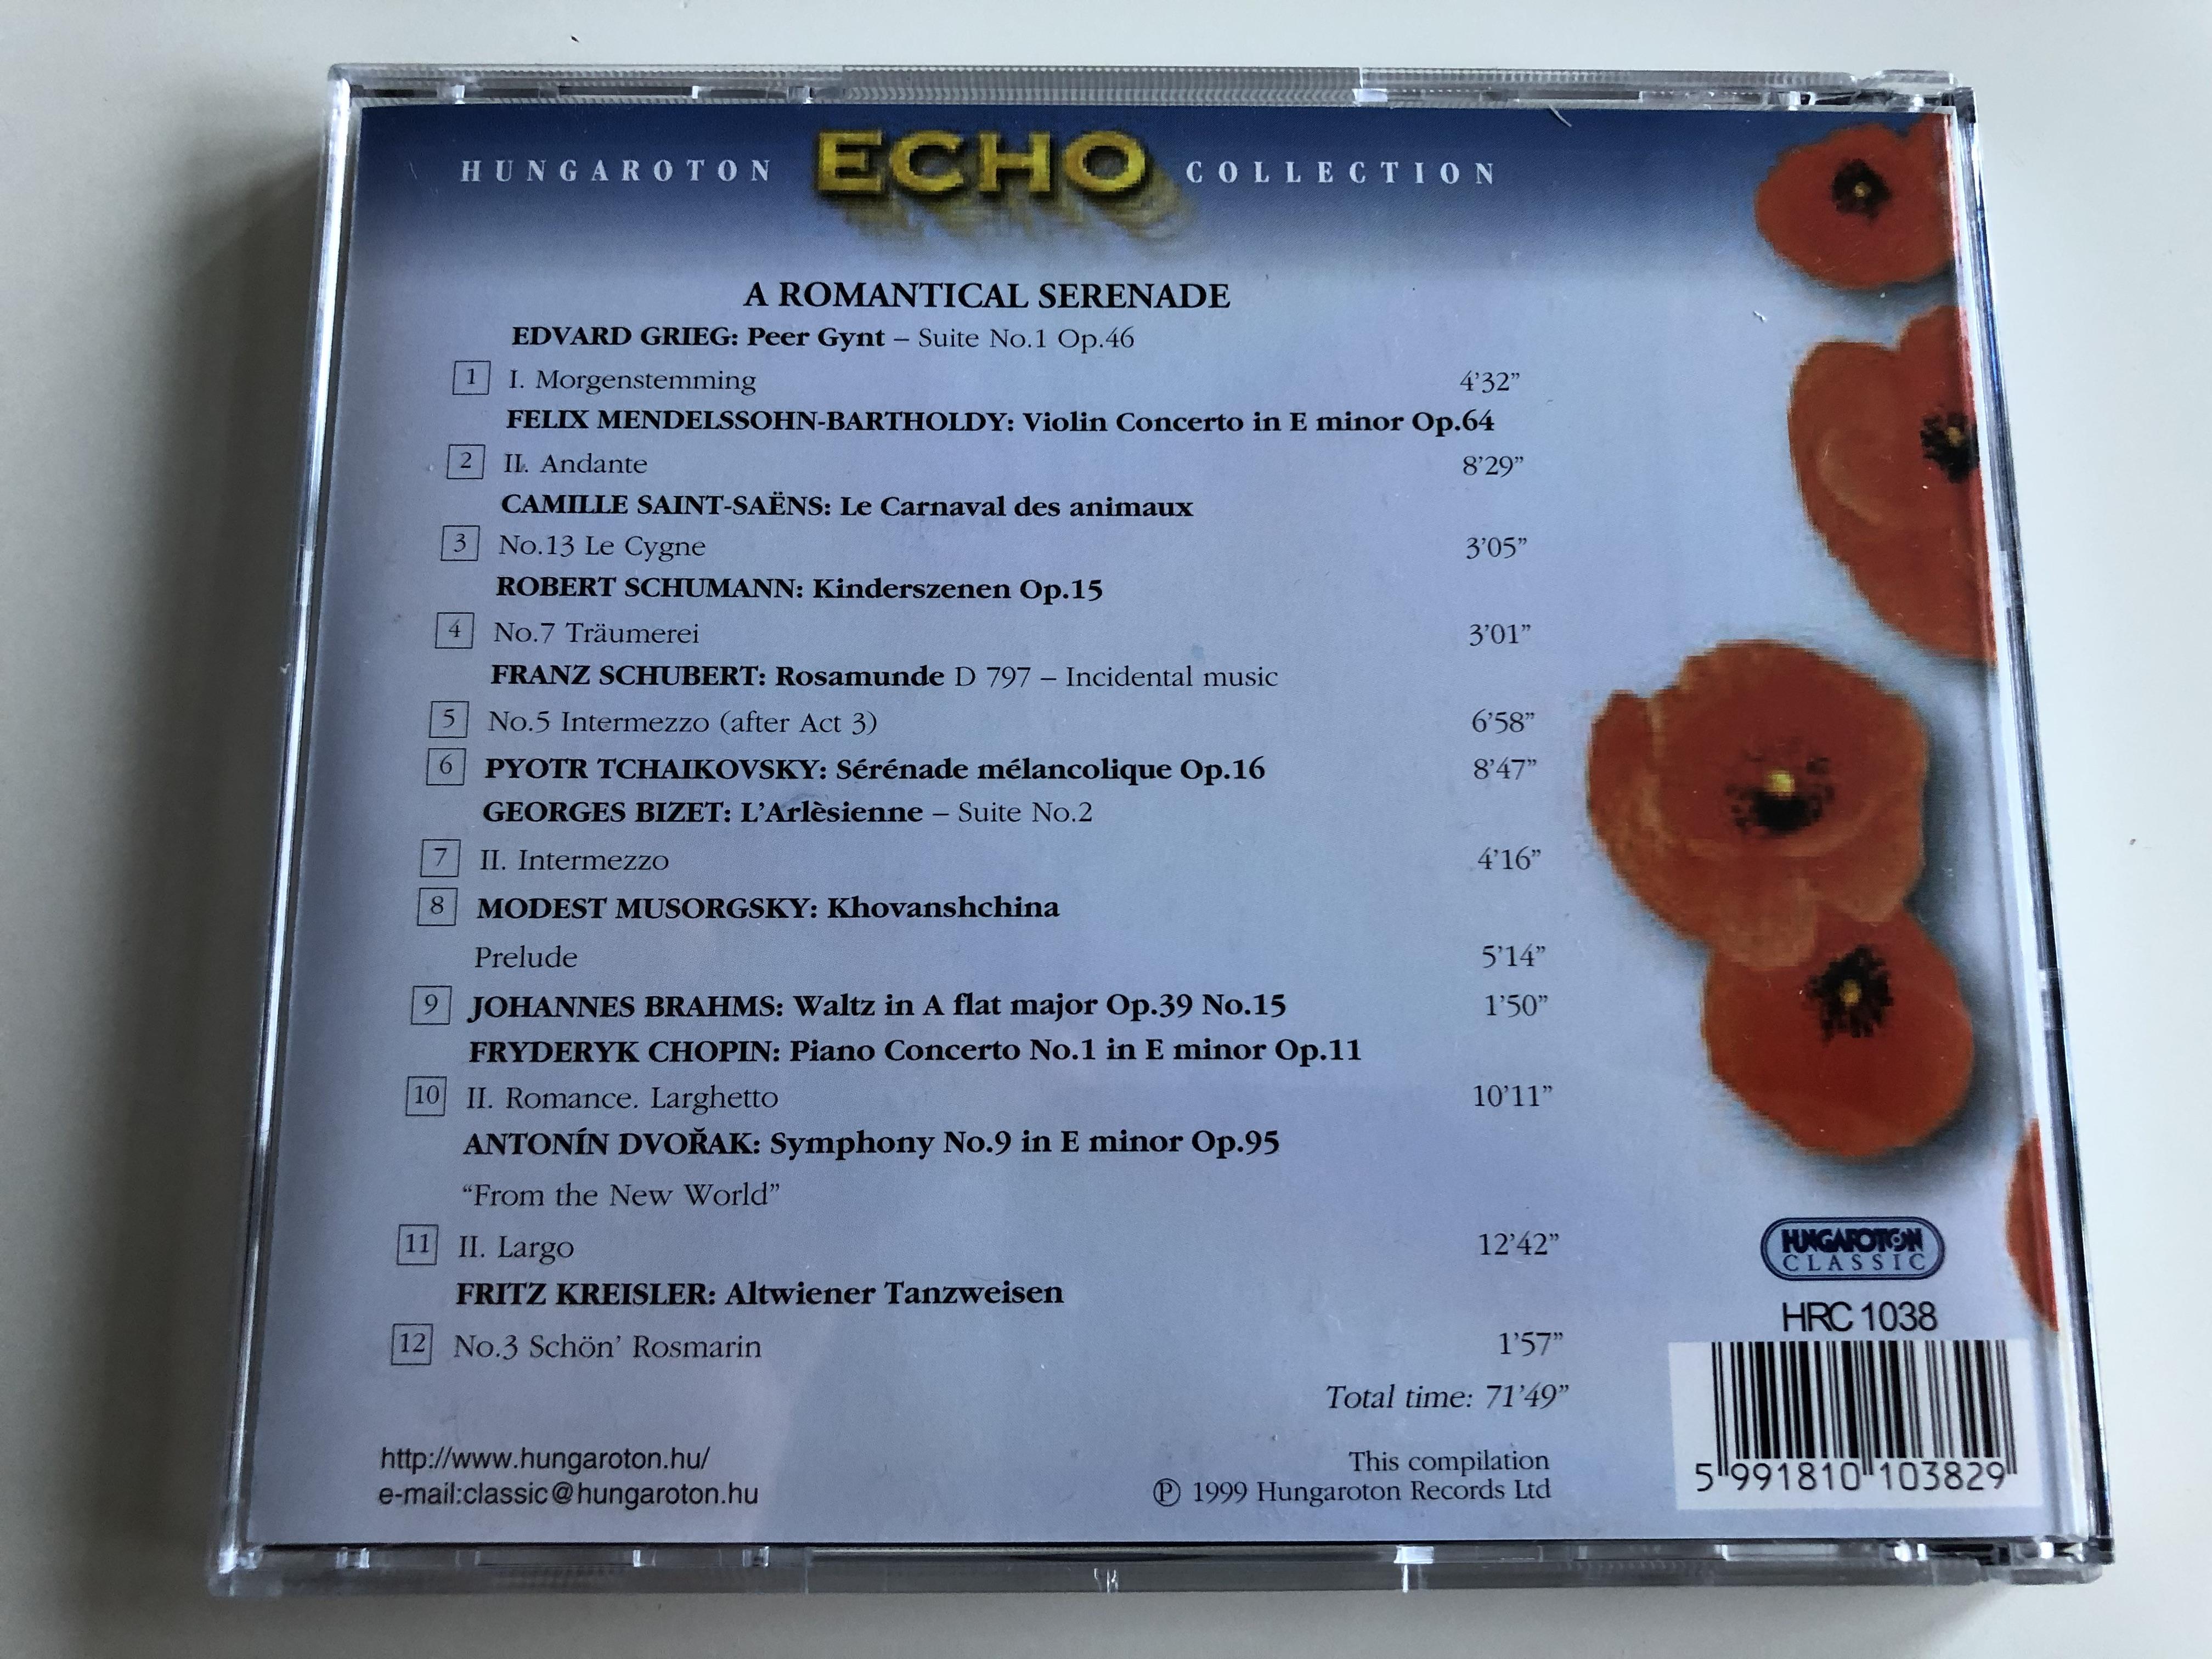 a-romantical-serenade-grieg-mendelssohn-saint-saens-schumann-schubert-tchaikovsky-bizet-brahms-musorgsky-chopin-dvorak-kreisler-hungaroton-audio-cd-1999-stereo-hrc-1038-6-.jpg